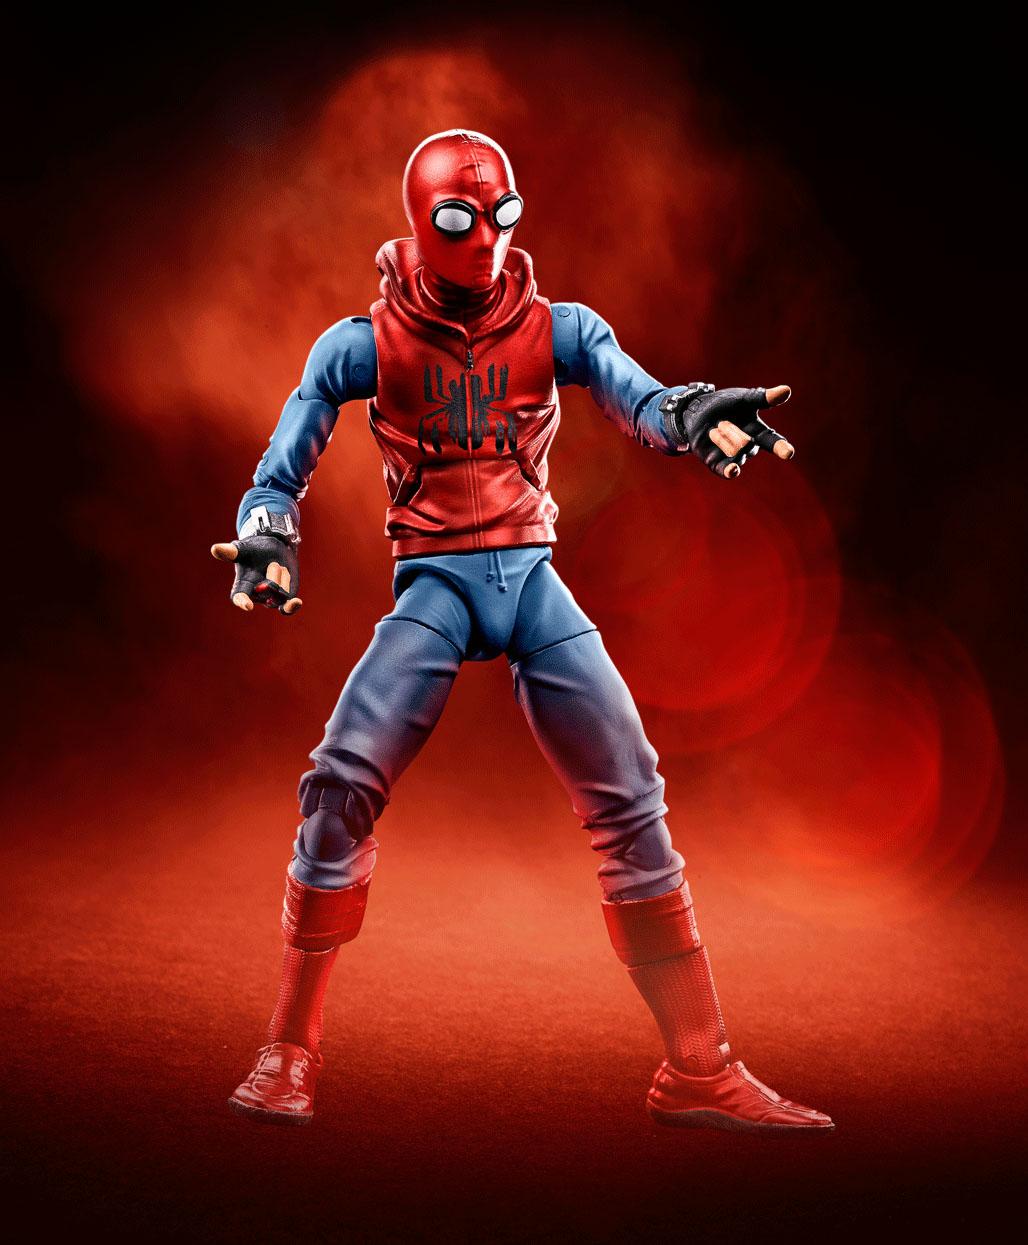 Hasbro Marvel Legends 6″ Spider-Man: Homecoming Figures (Update)